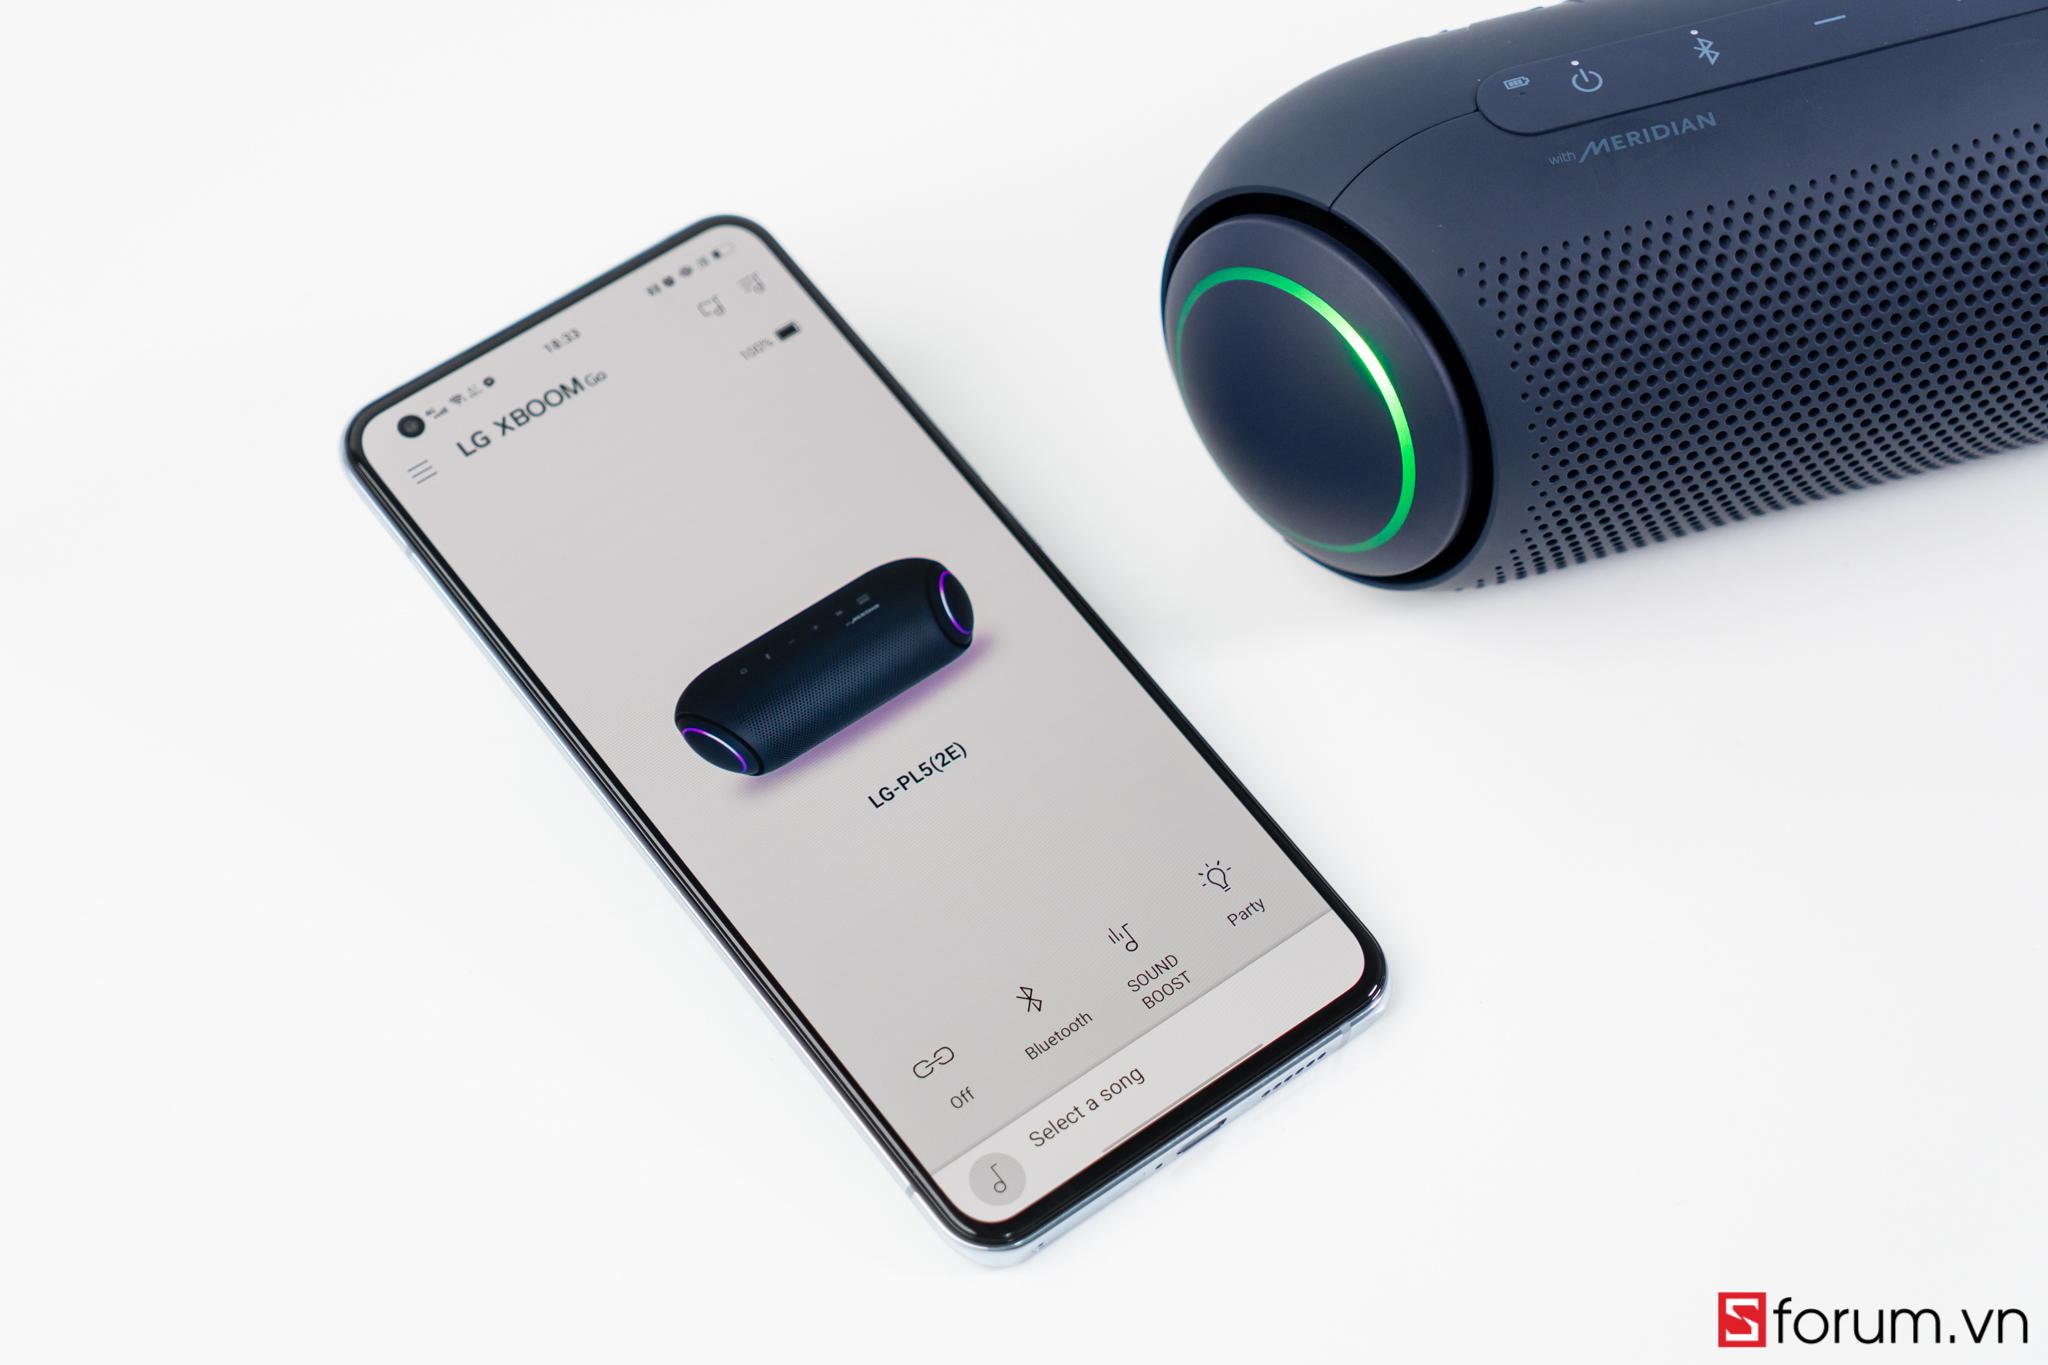 Sforum - Trang thông tin công nghệ mới nhất CPS-LG-xBoom-Go-PL5-9 Đánh giá nhanh LG XBOOM Go PL5: Đối thủ trực tiếp của Sony XB32?